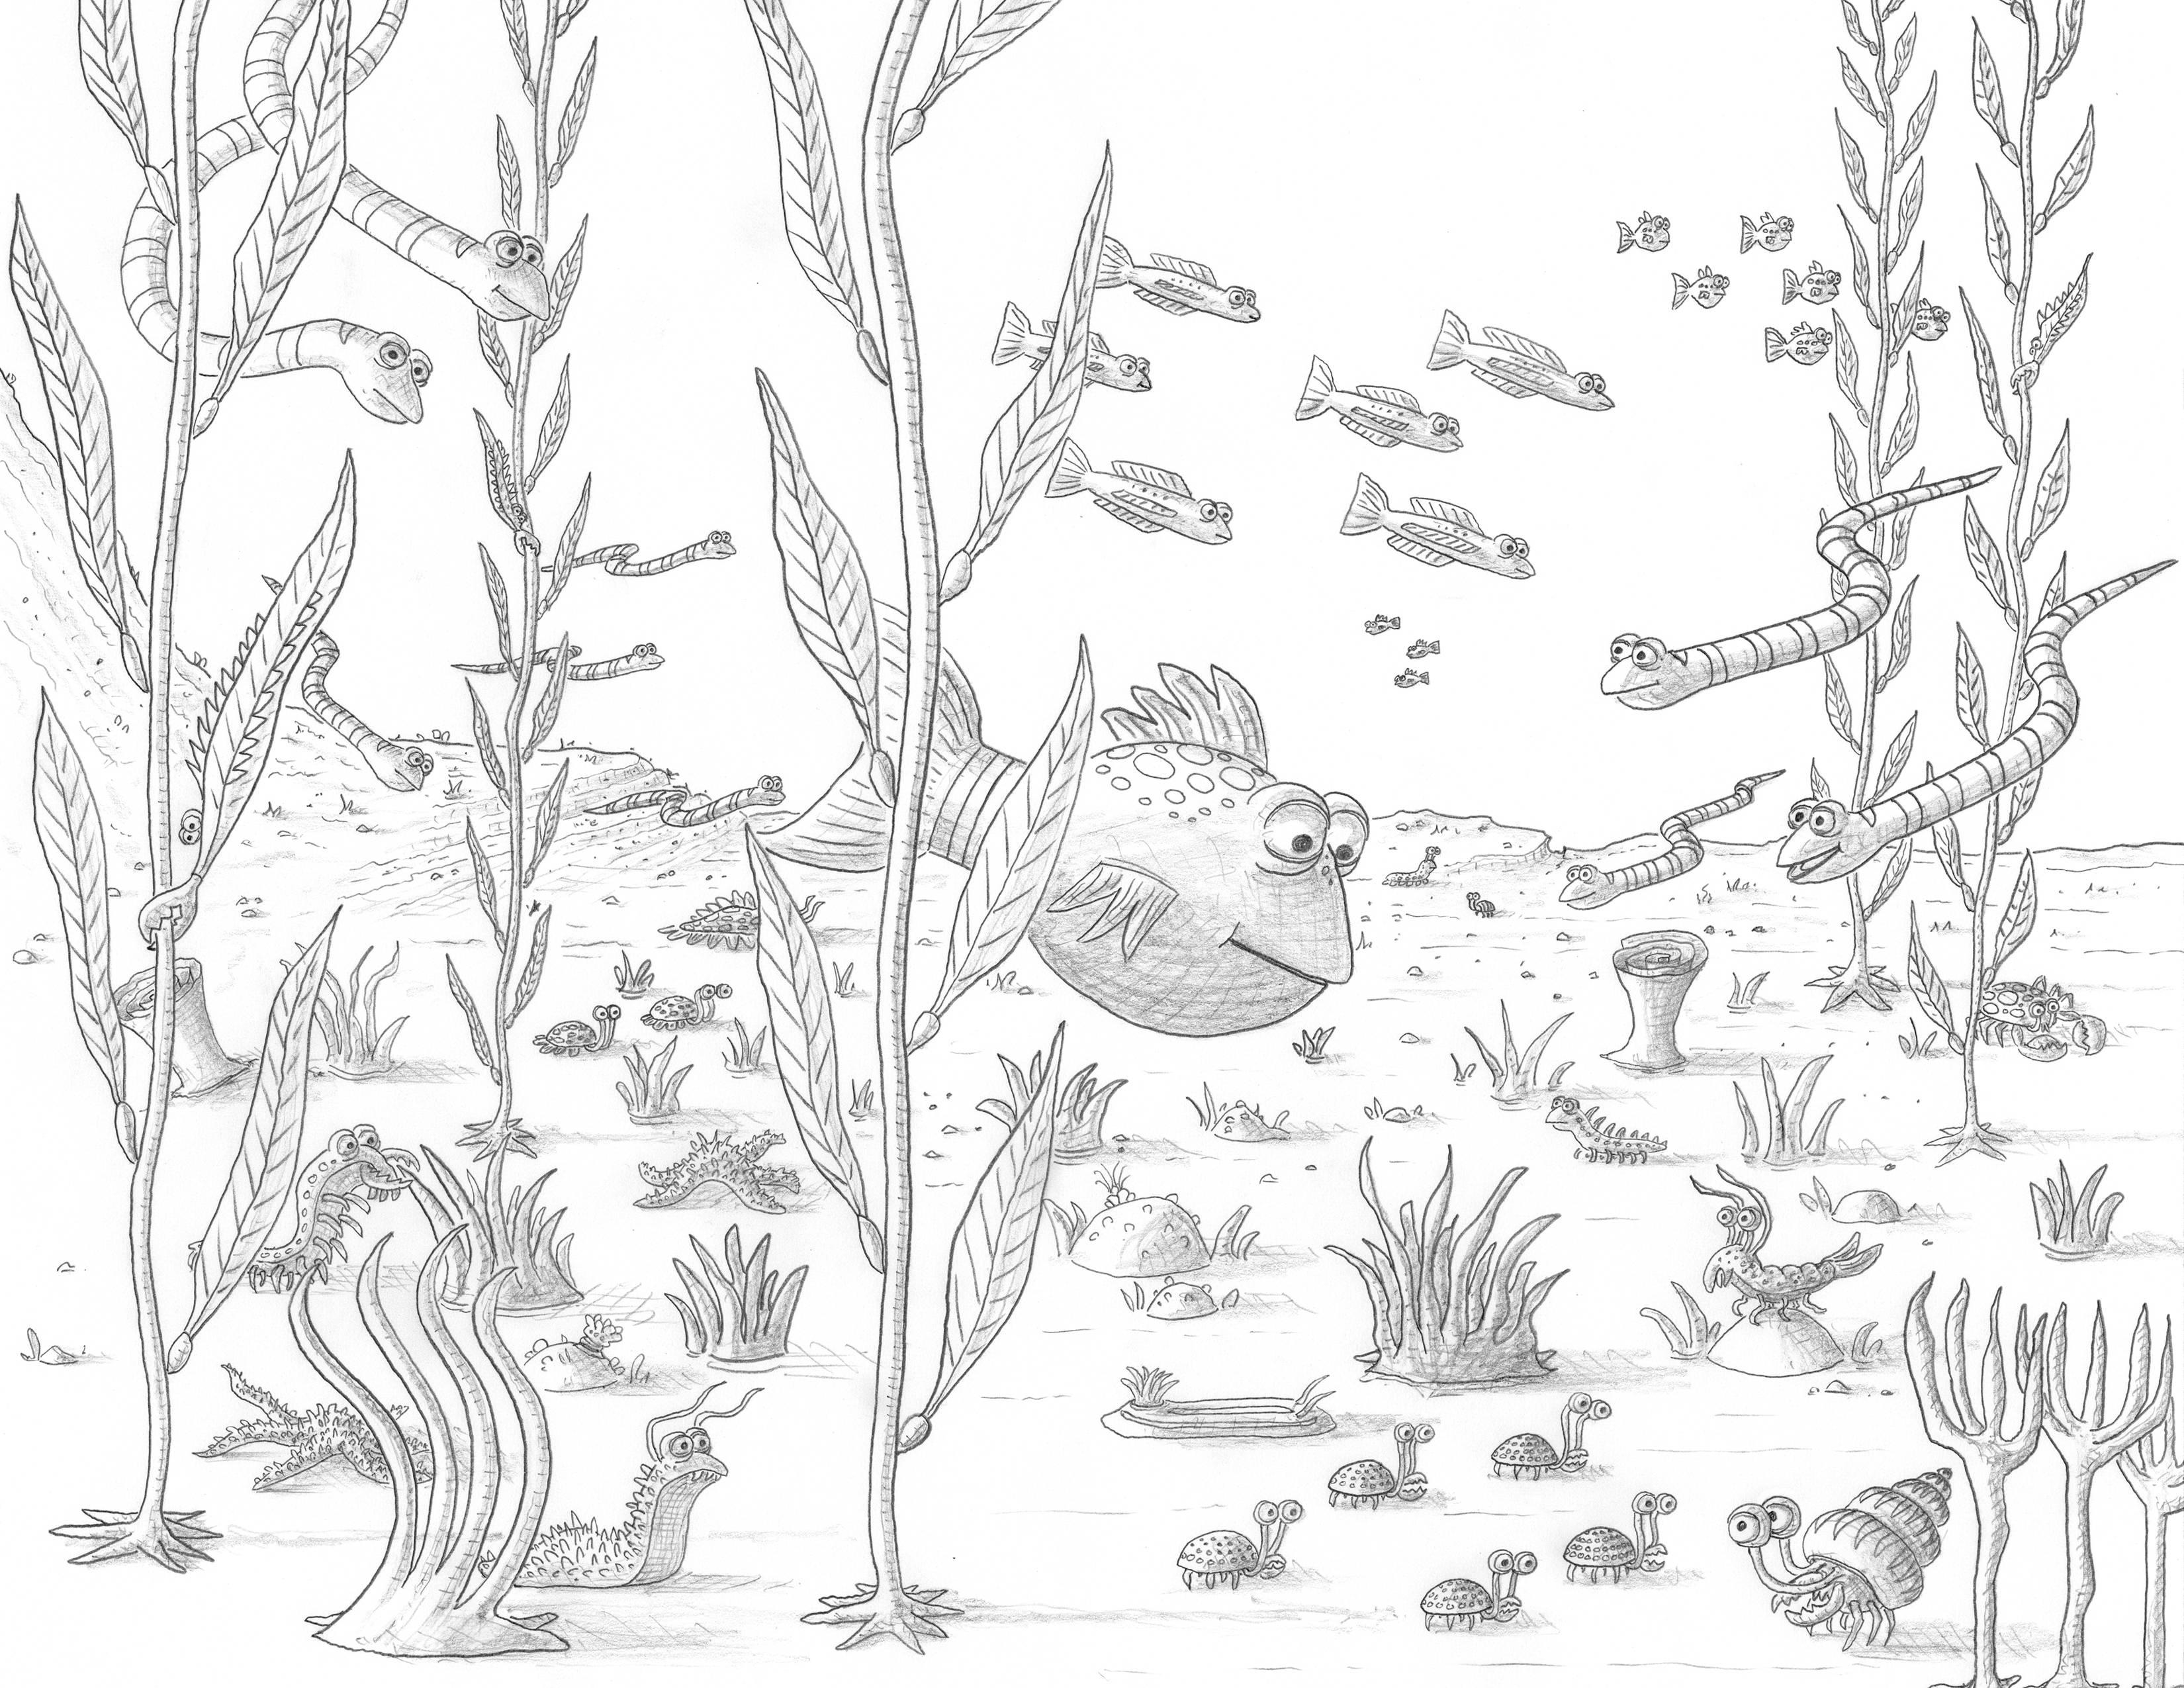 Pout Pout Fish Coloring Pages Az Coloring Pages Pout Pout Fish Coloring Pages